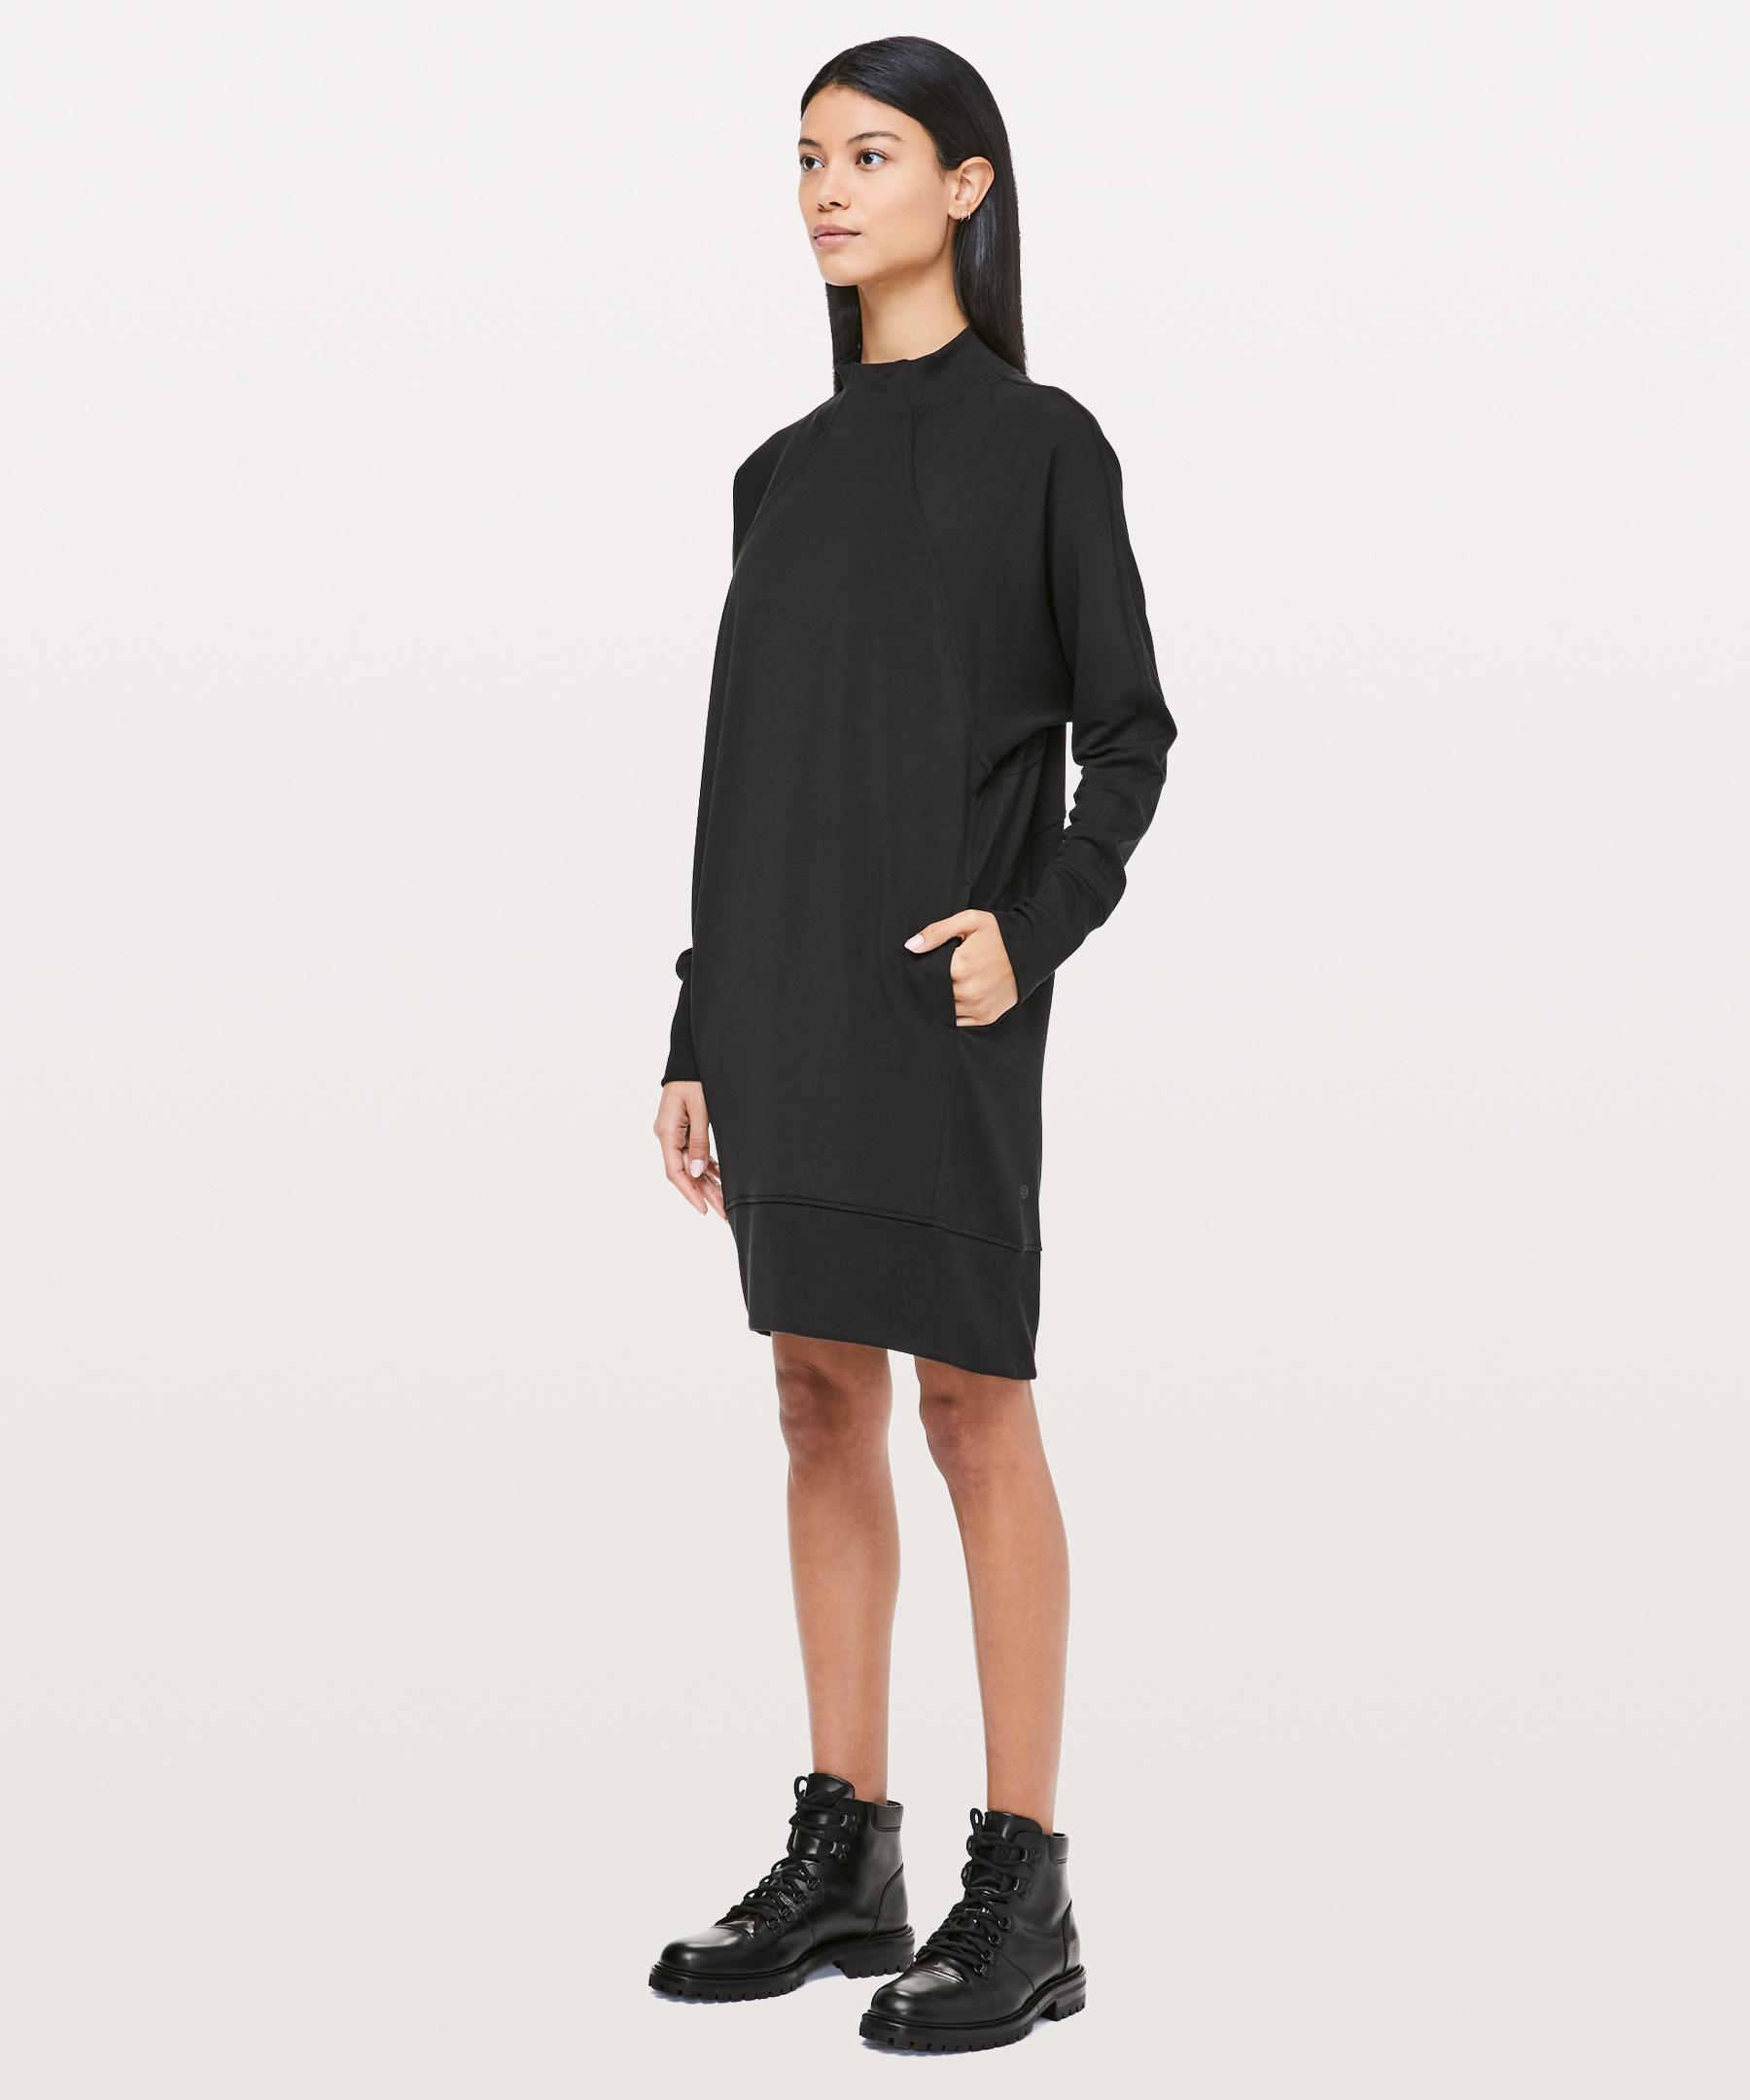 d7d700086d Lululemon Athletica Cozy Instincts Dress in Black - Lyst